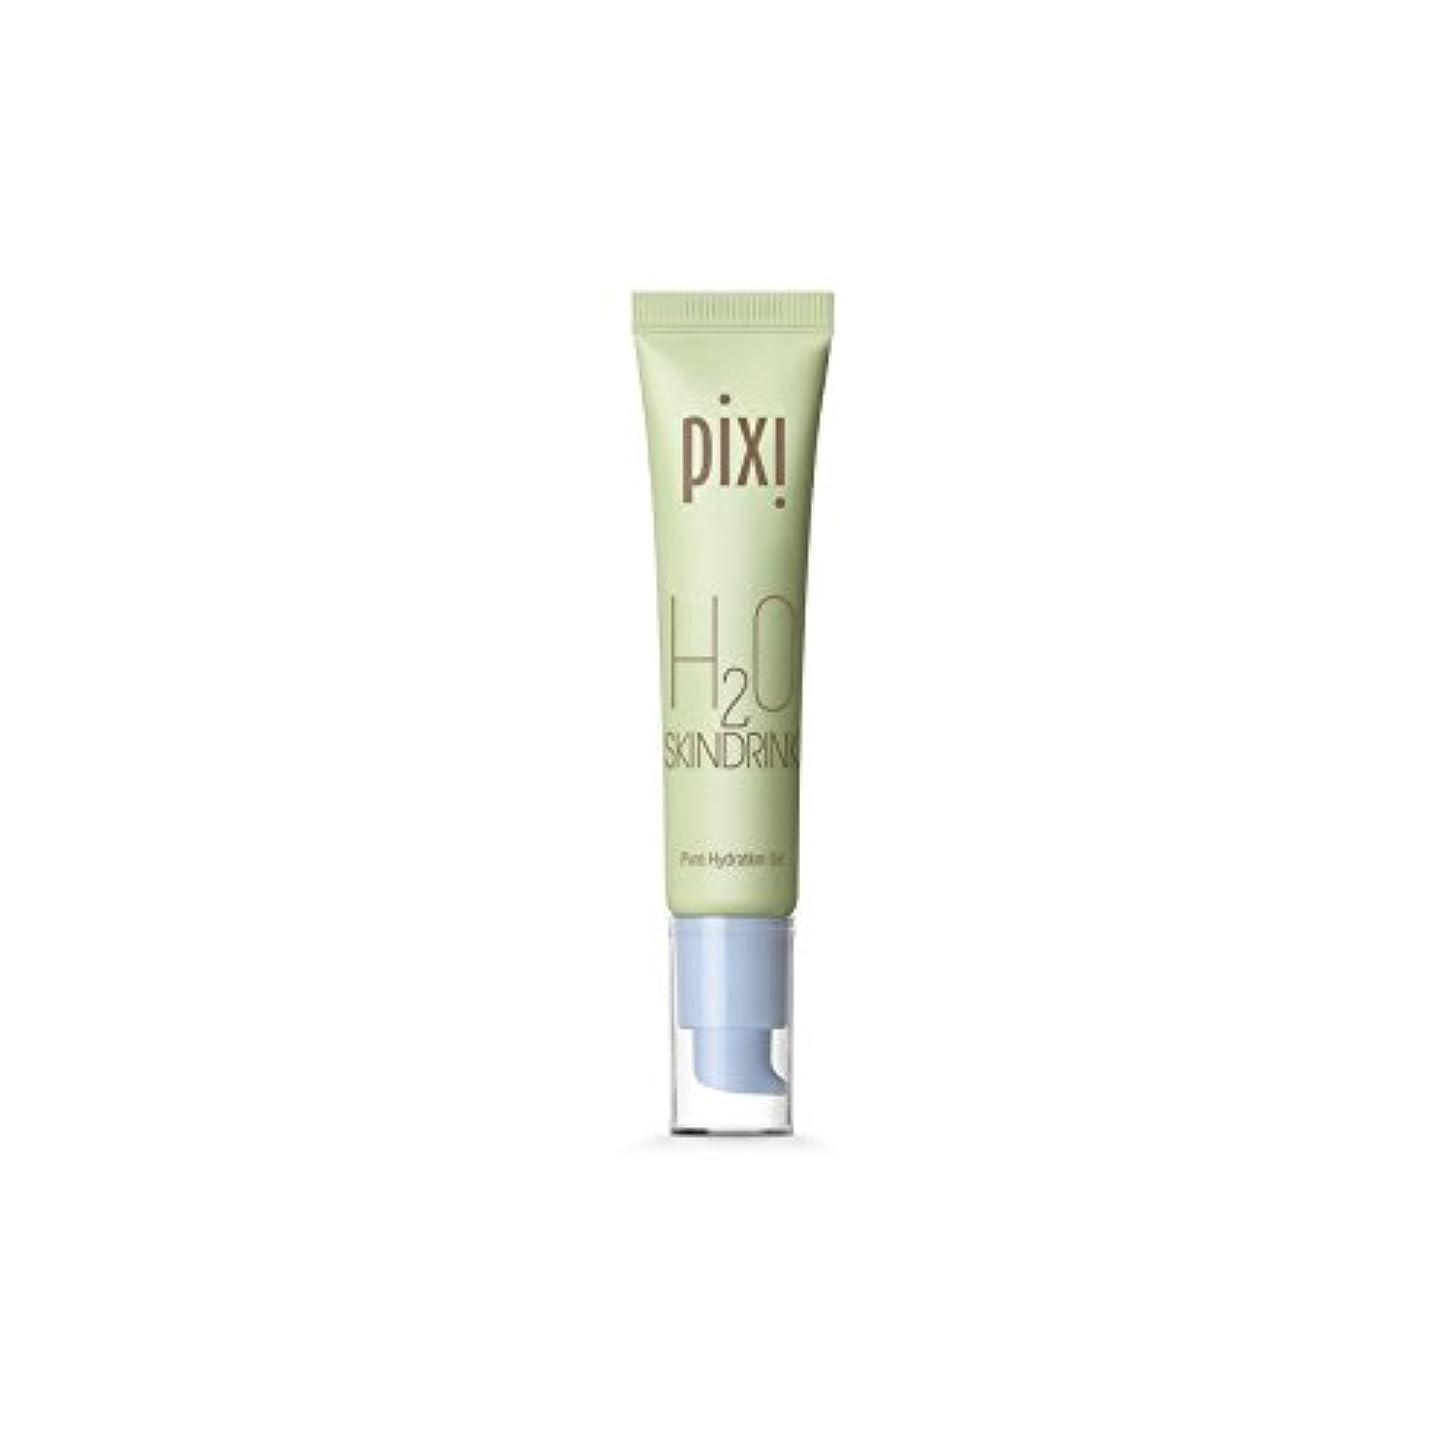 スリル宇宙フリッパー20スキンドリンク x2 - Pixi H20 Skin Drink (Pack of 2) [並行輸入品]